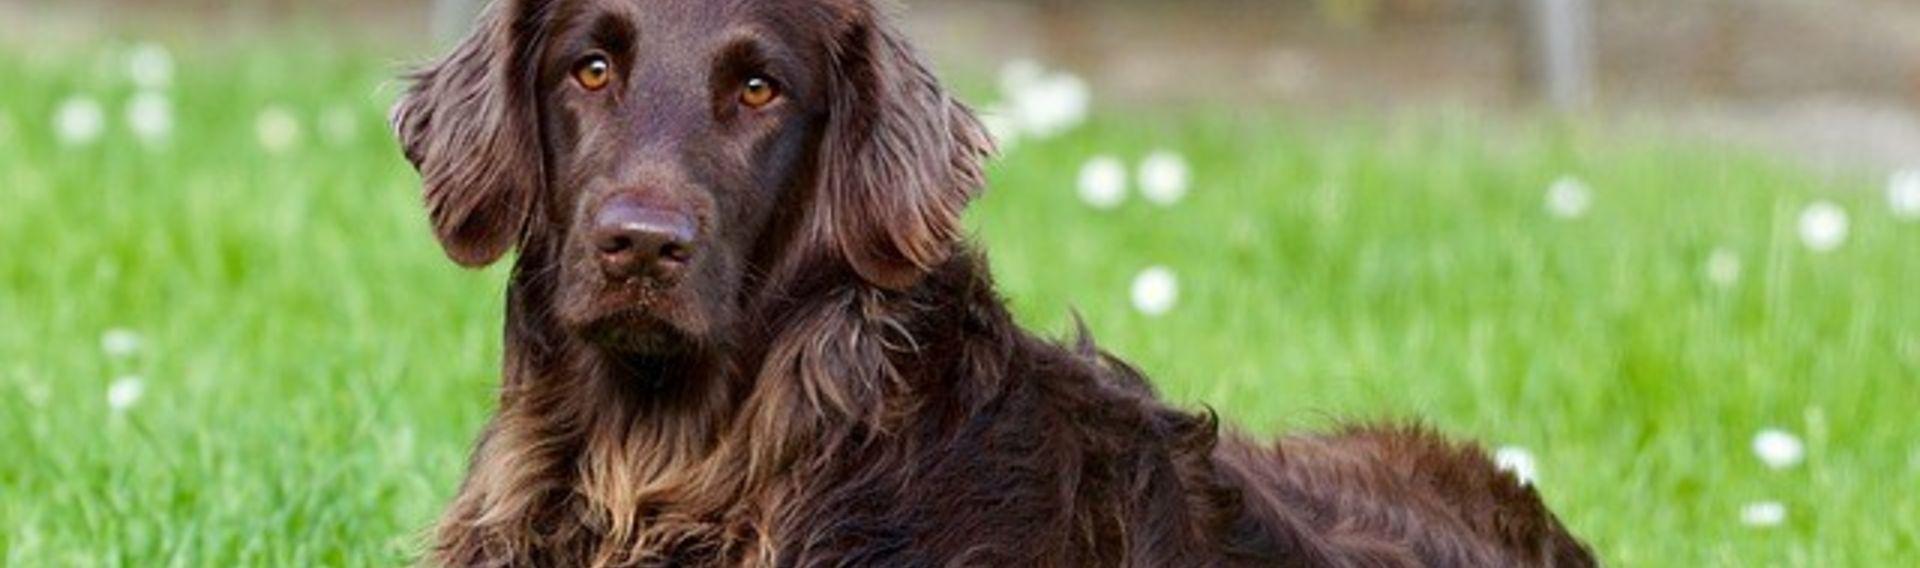 Hundetraining im Urlaub oder Freizeit